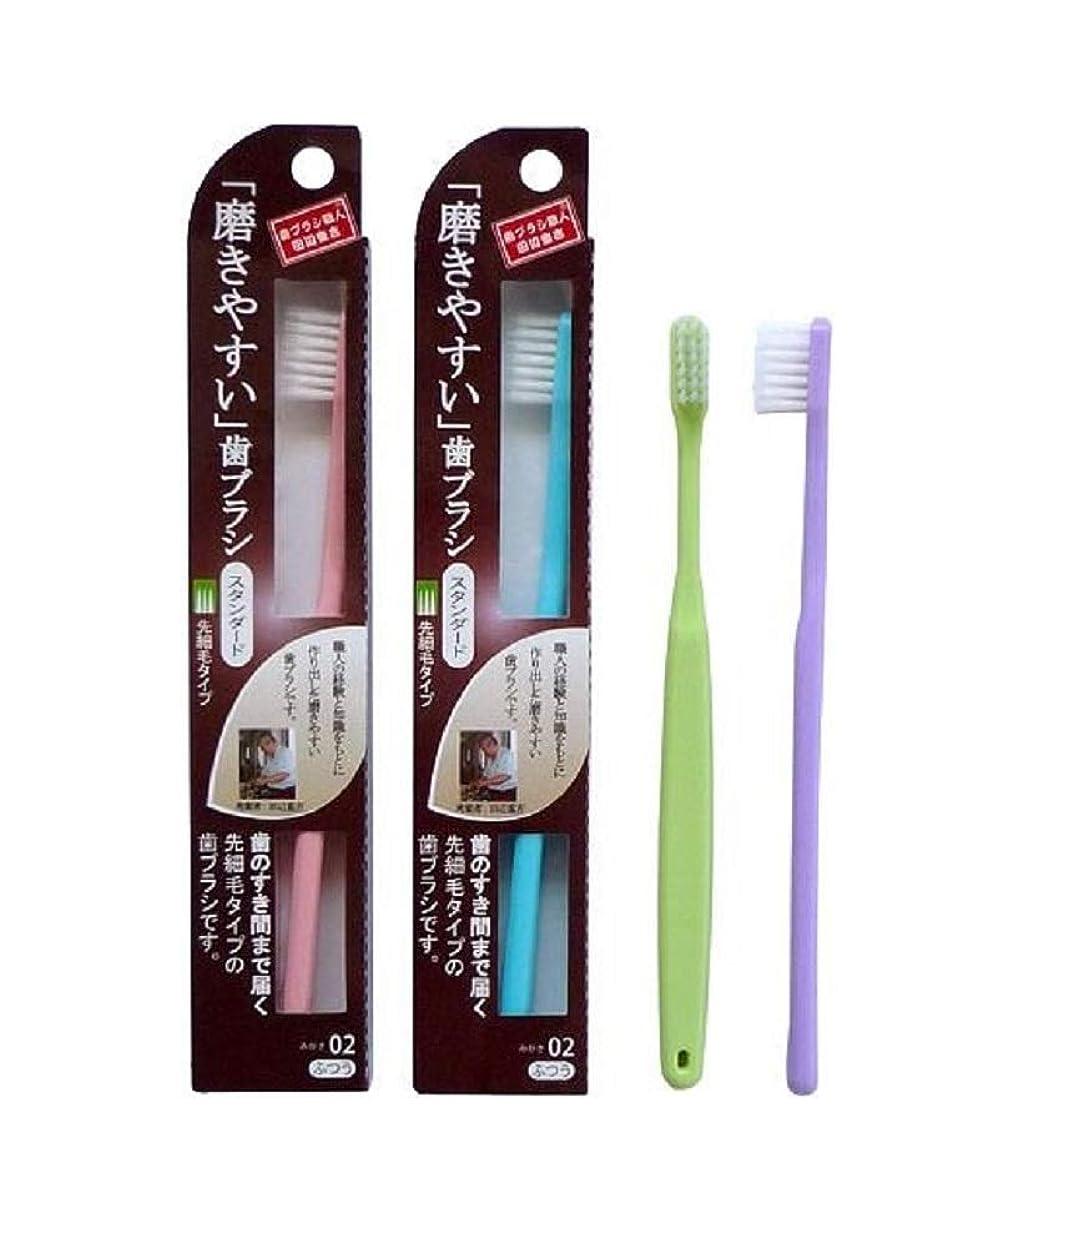 シエスタ配偶者さまよう【まとめ買い 600本セット】ライフレンジ 磨きやすい歯ブラシ(スタンダード)先細毛タイプ LT-02